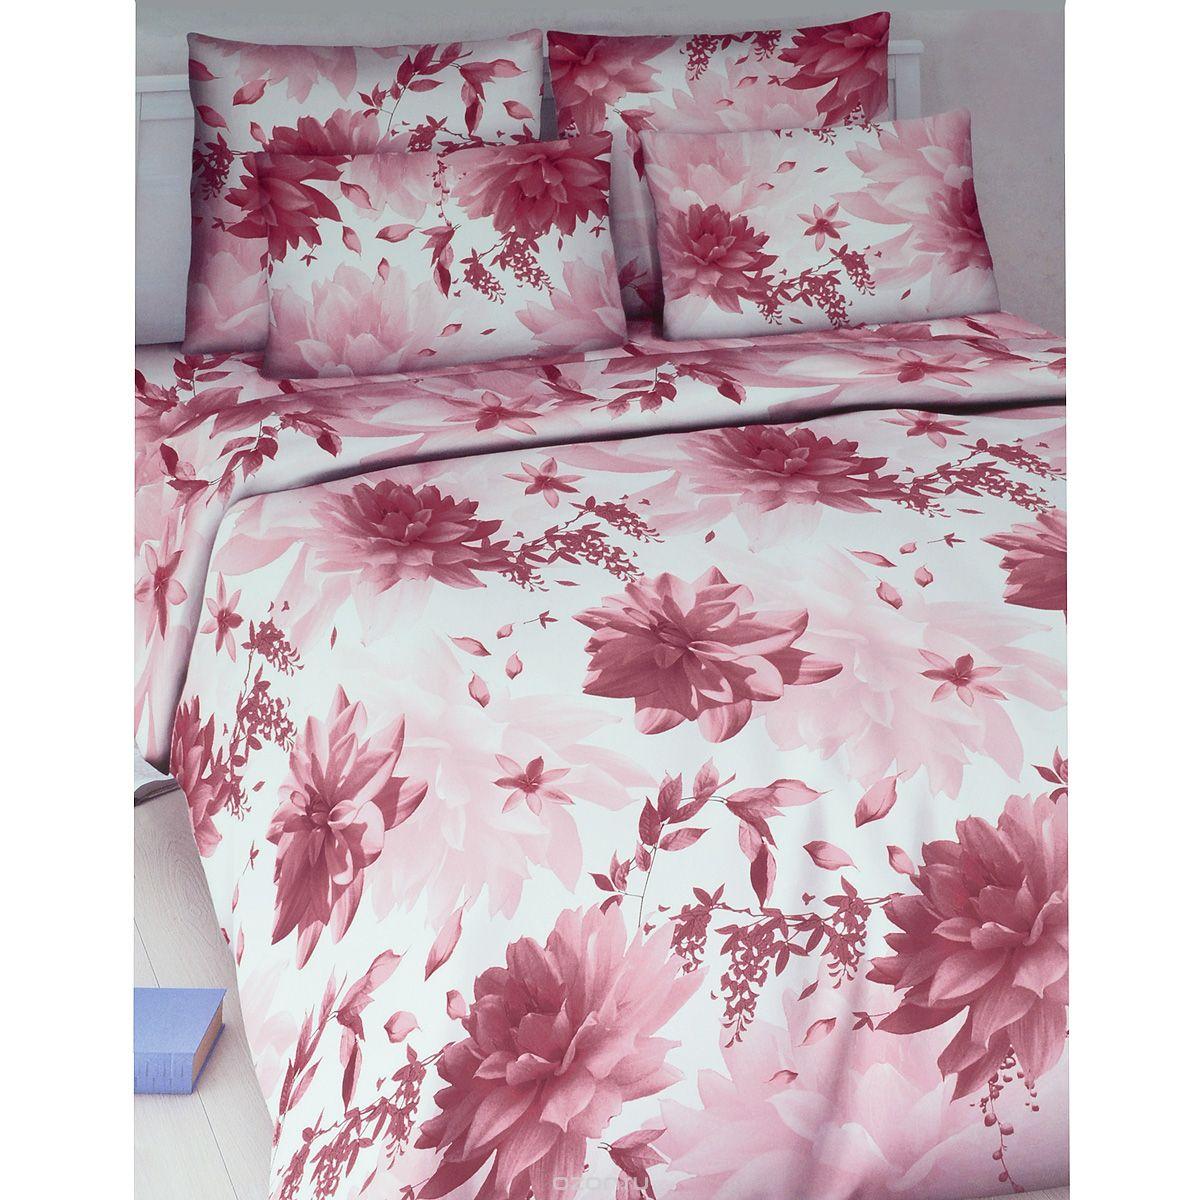 Комплект белья Василиса Лунный цветок, 1,5-спальный, наволочки 70х70, цвет: розовый, белый